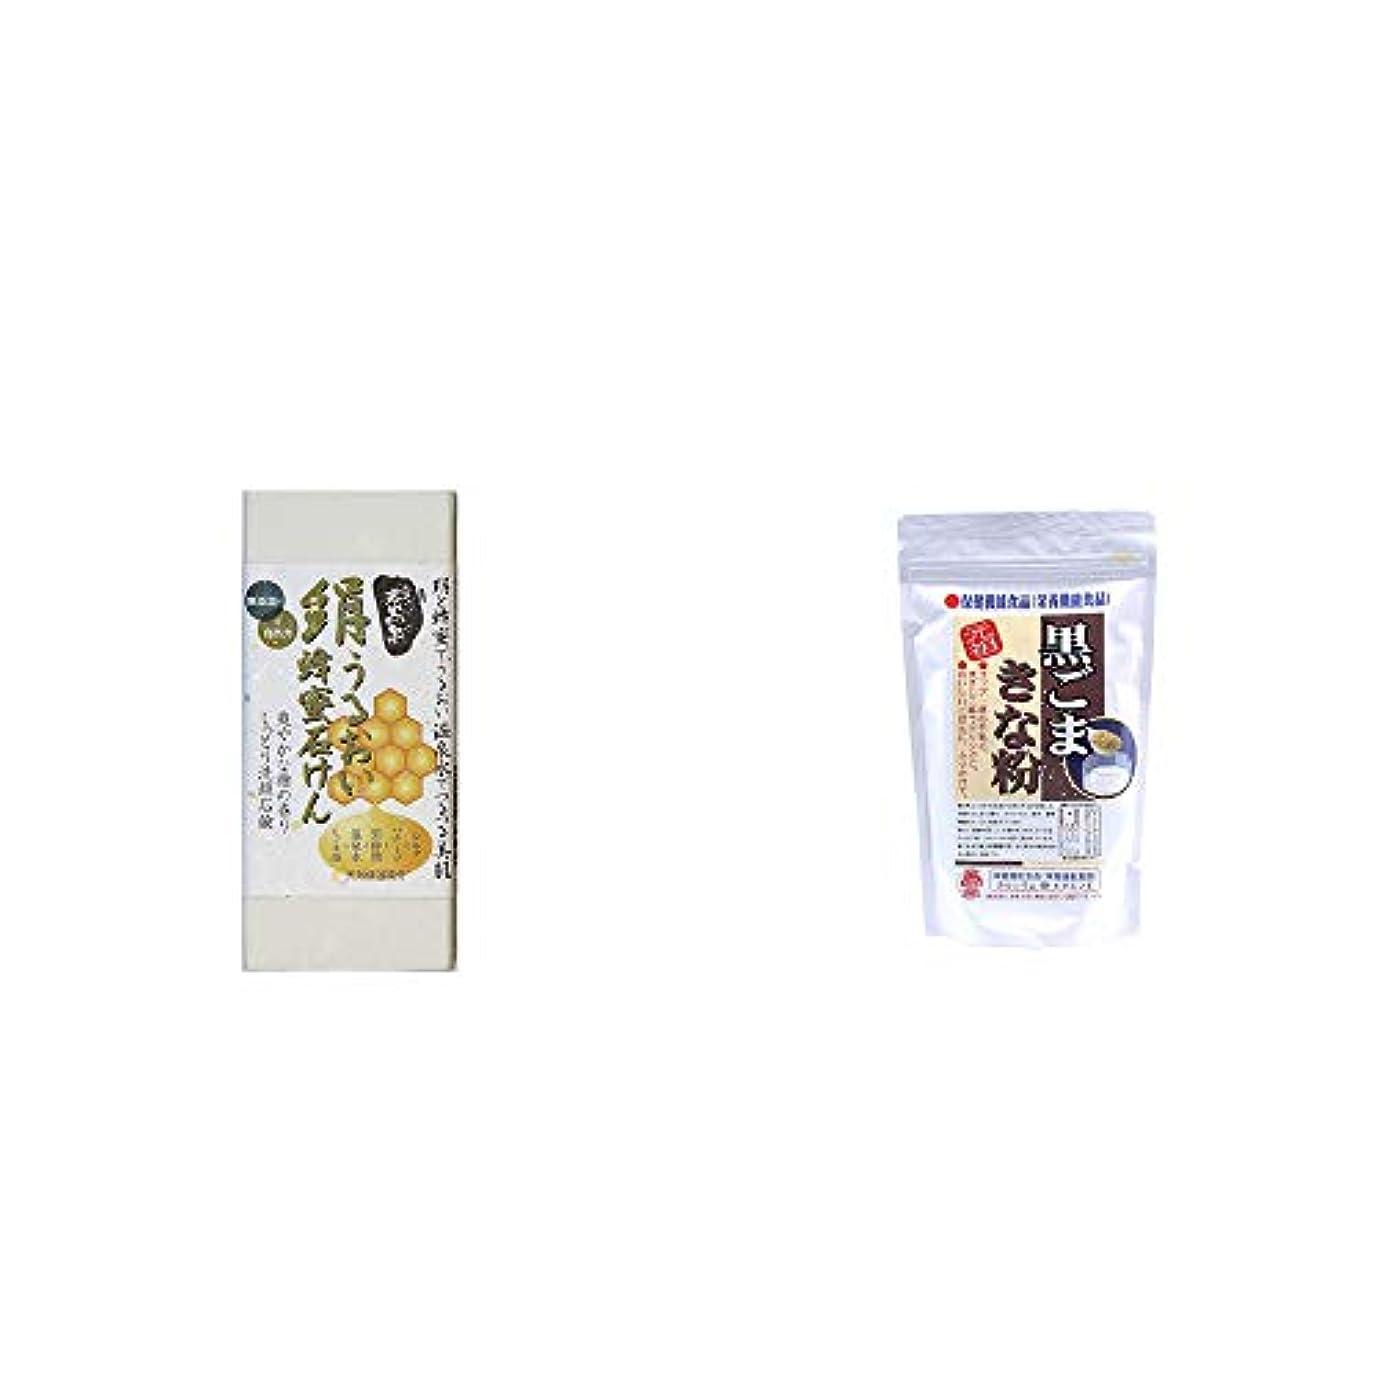 行列バイバイめる[2点セット] ひのき炭黒泉 絹うるおい蜂蜜石けん(75g×2)?黒ごまきな粉(270g)